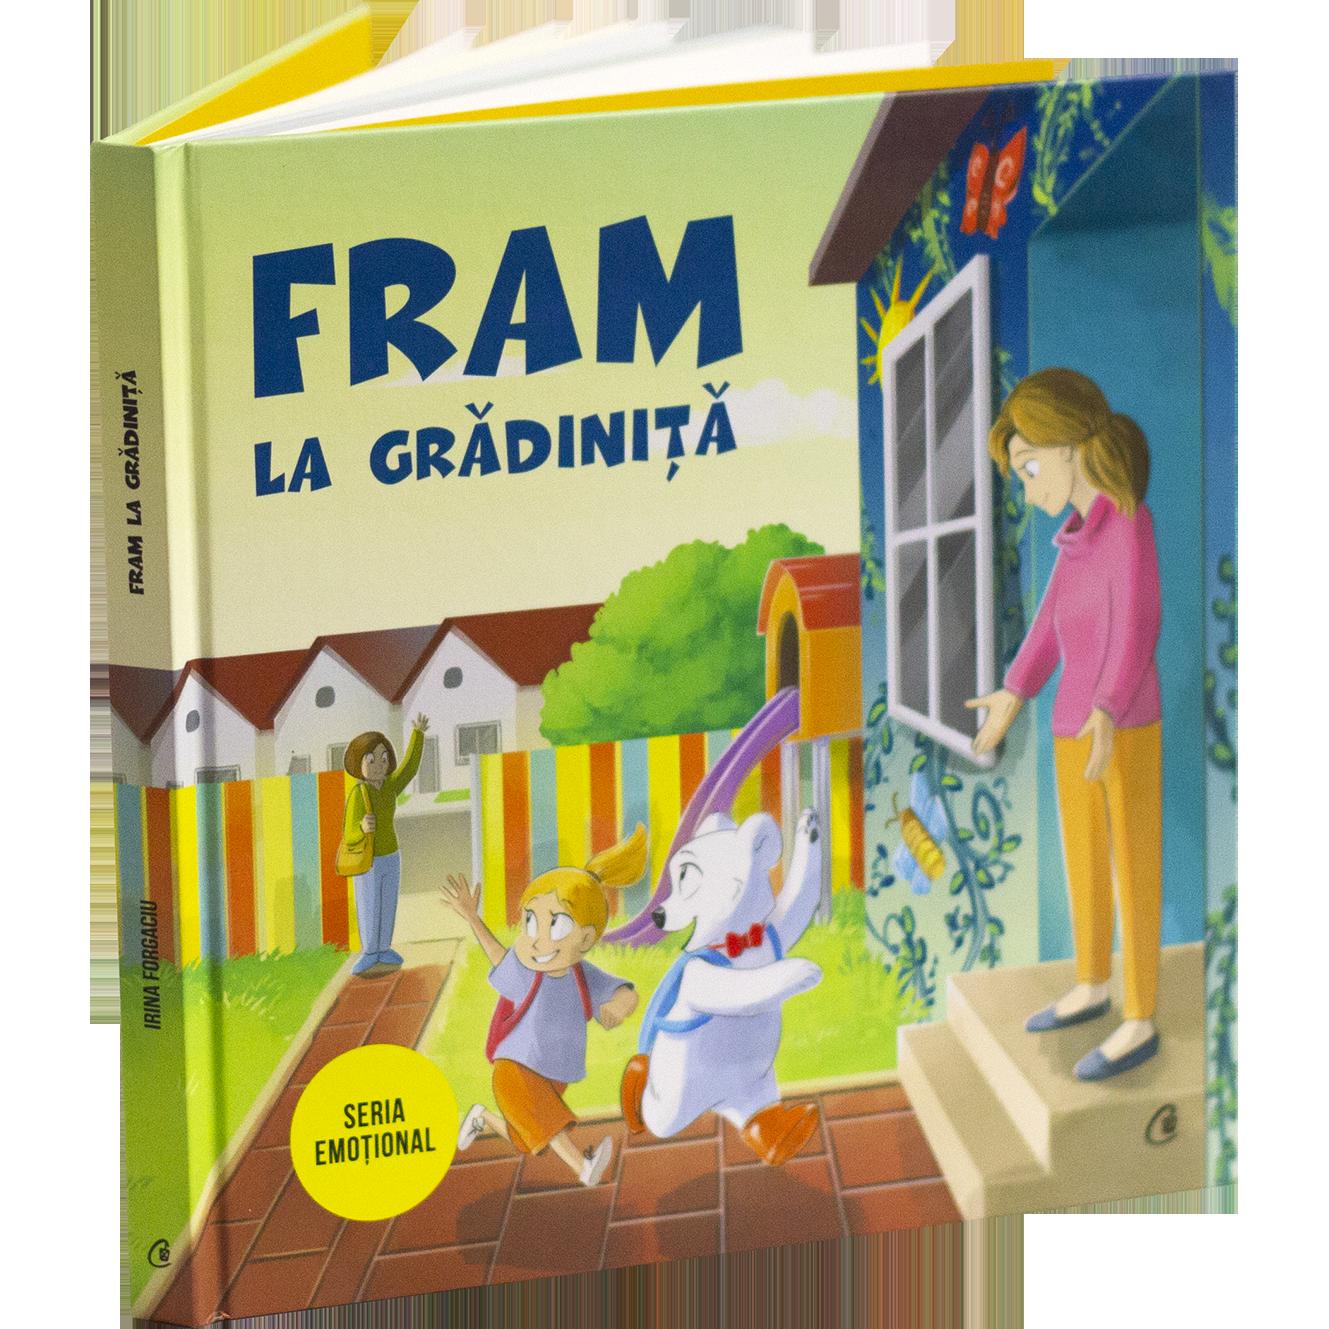 Cartea adaptare la gradinita - Fram ursul polar - carte pentru copii